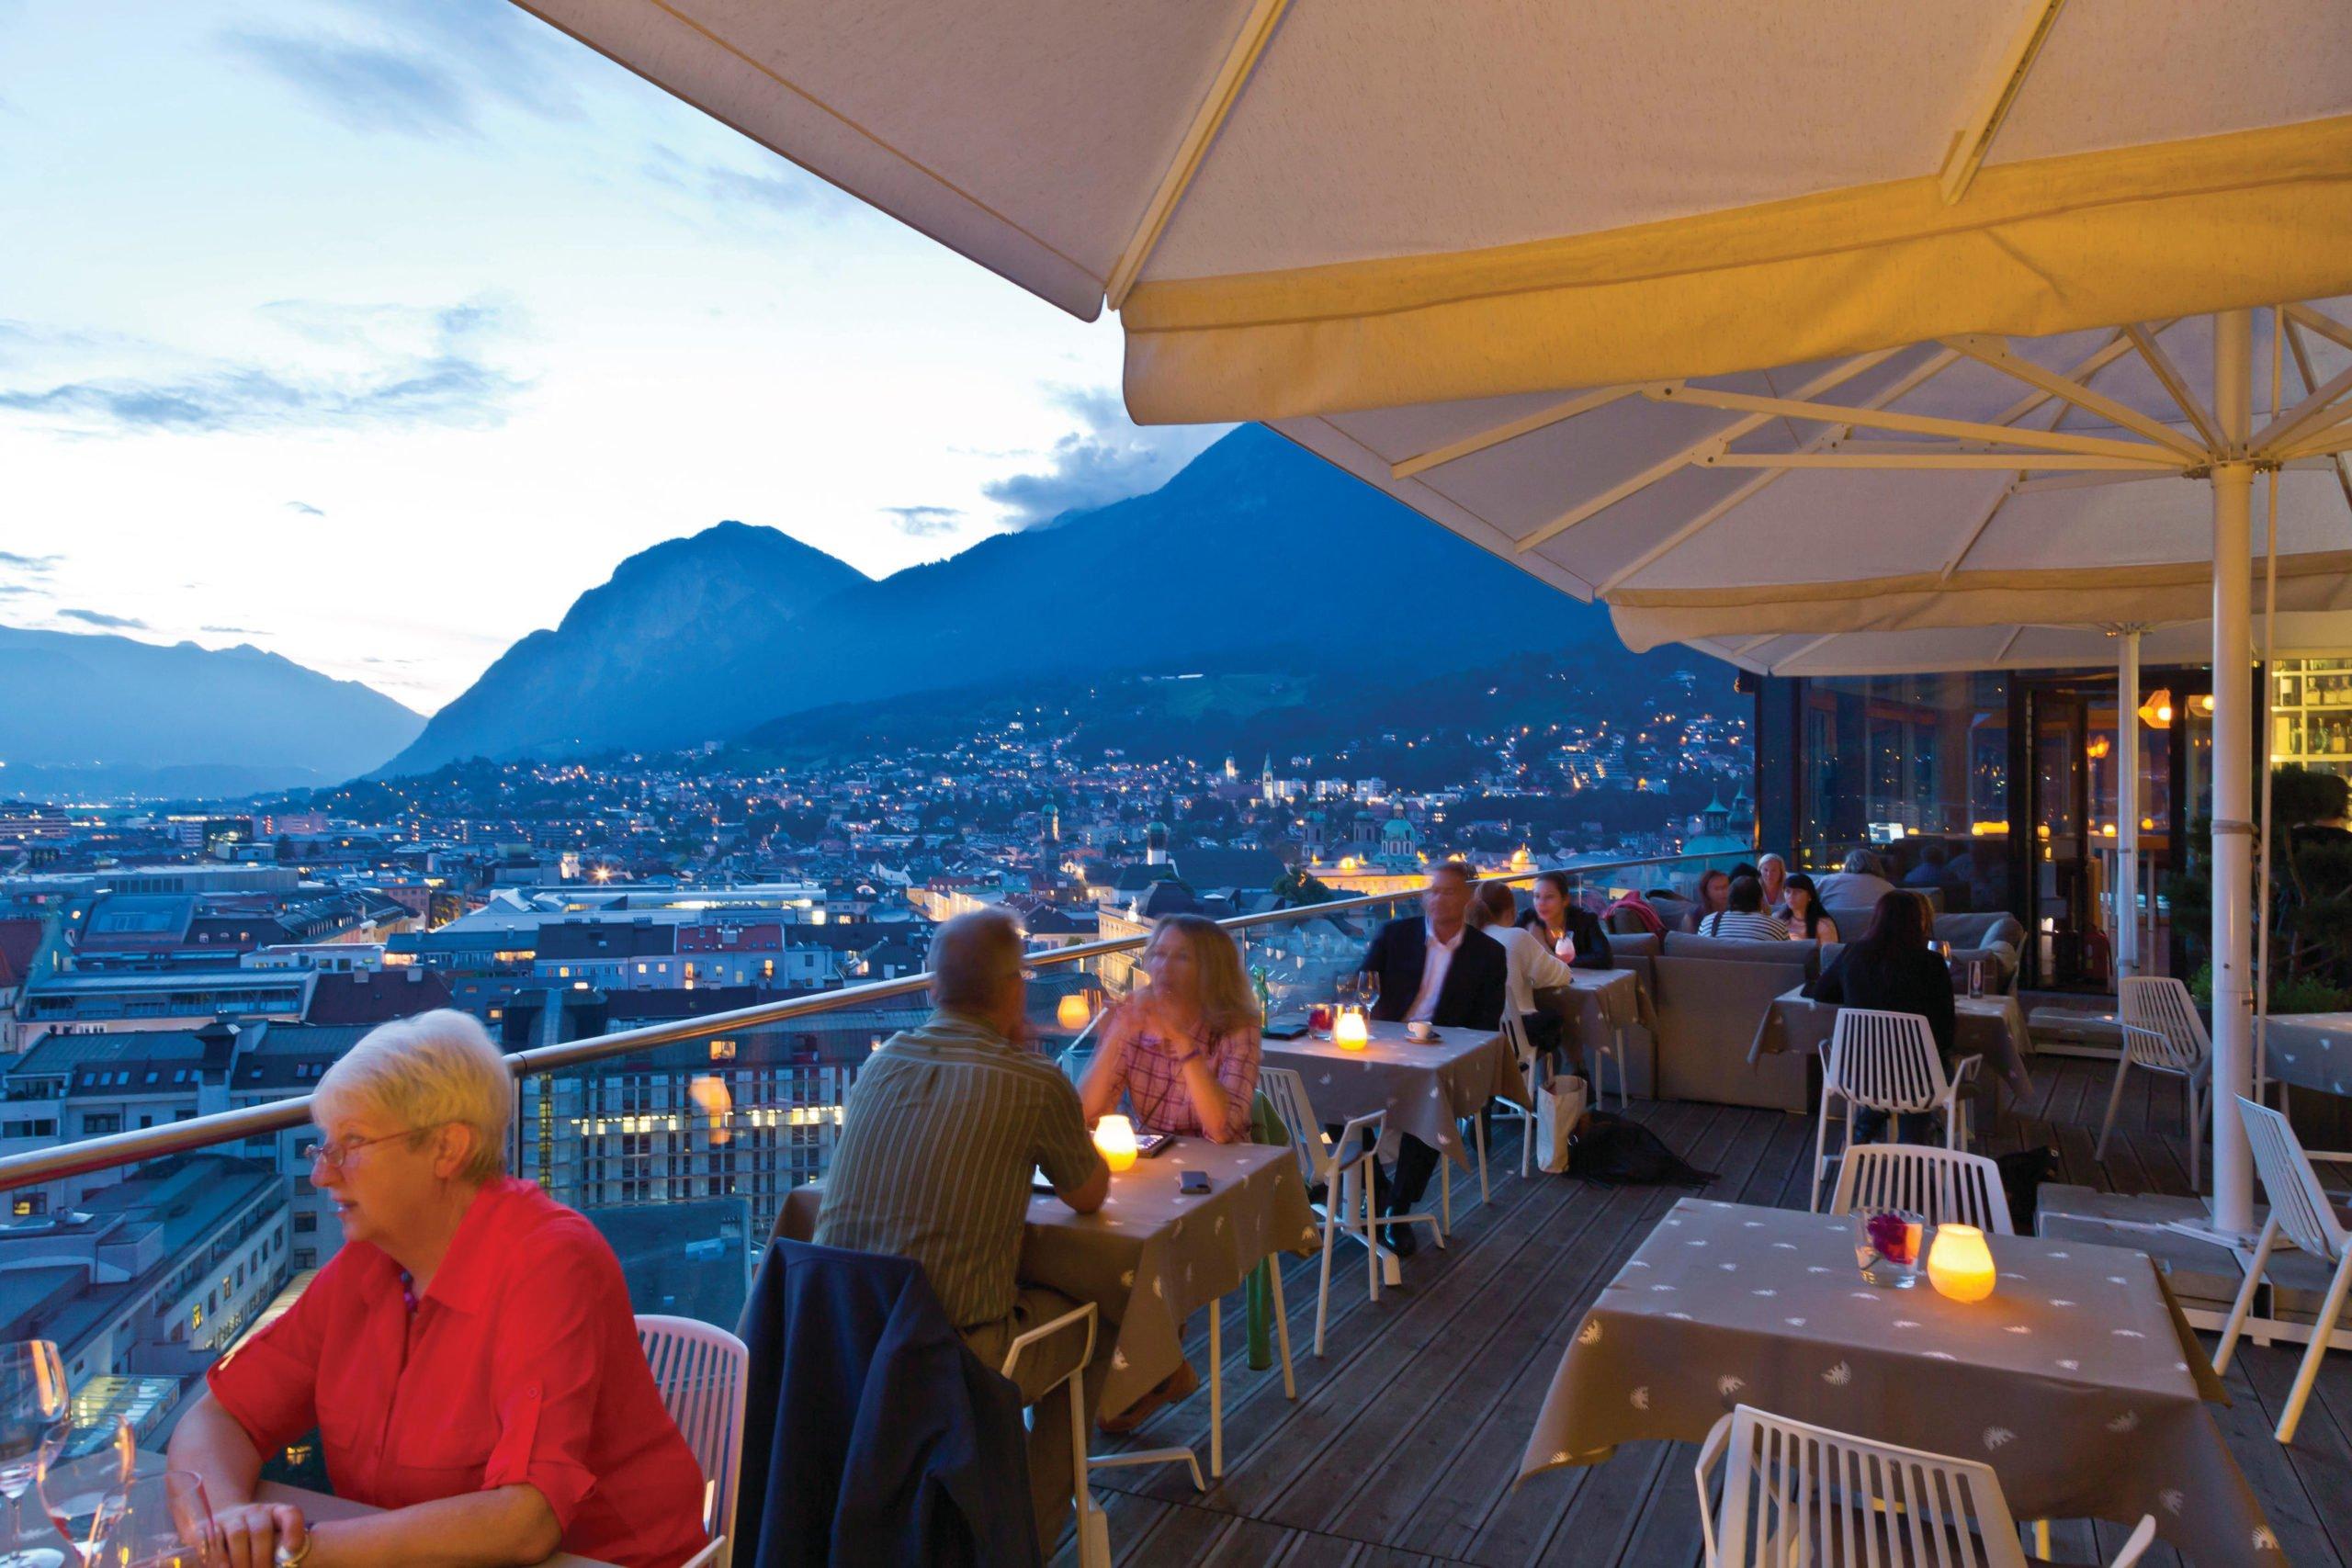 Adler's Hotel Bar View of Innsbruck